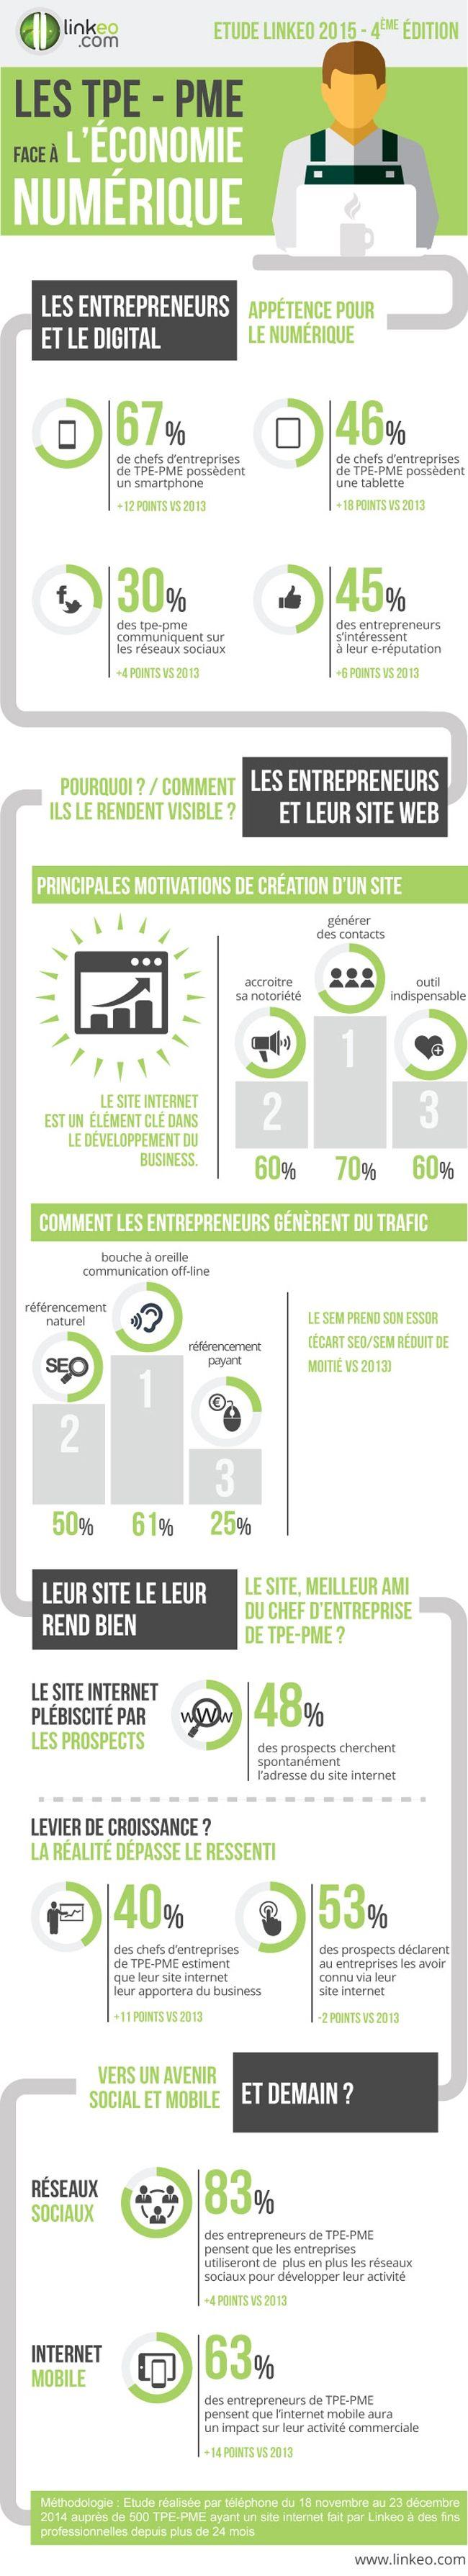 Infographie | Les TPE-PME face à l'économie numérique